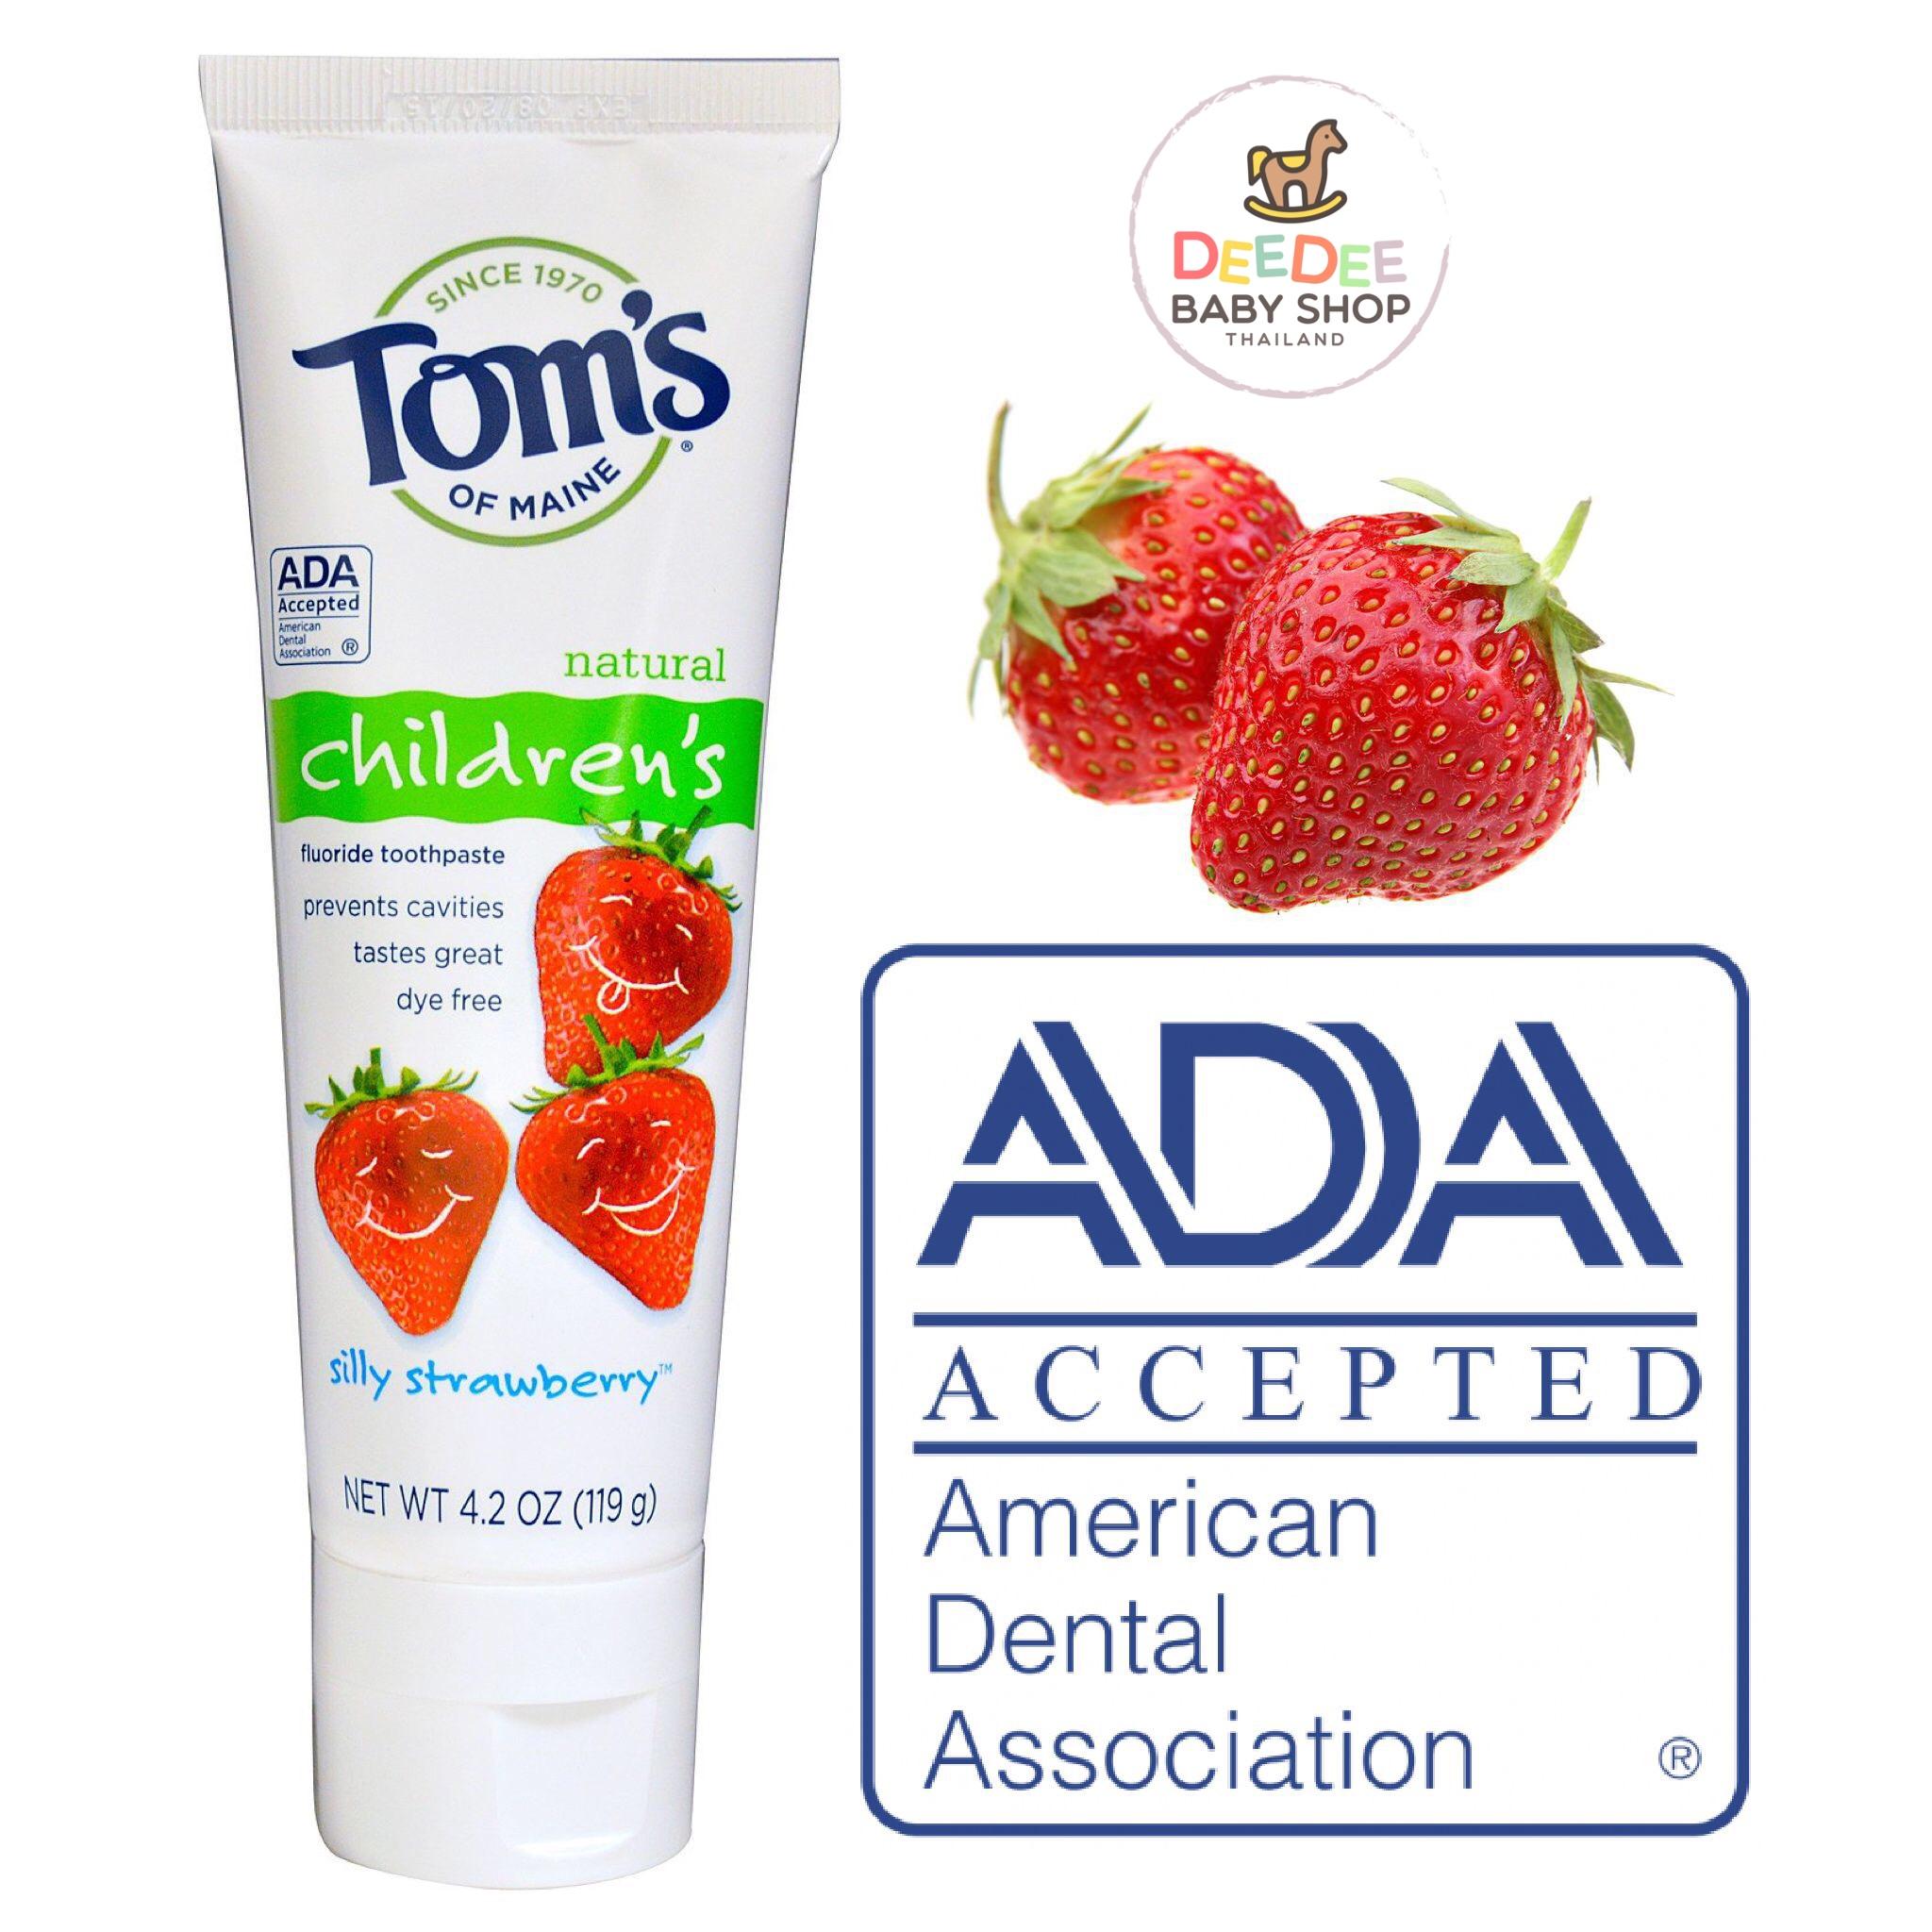 ยาสีฟันผสมฟลูออไรด์สำหรับเด็ก Tom's of Maine Natural Children's Fluoride Toothpaste (Silly Strawberry)